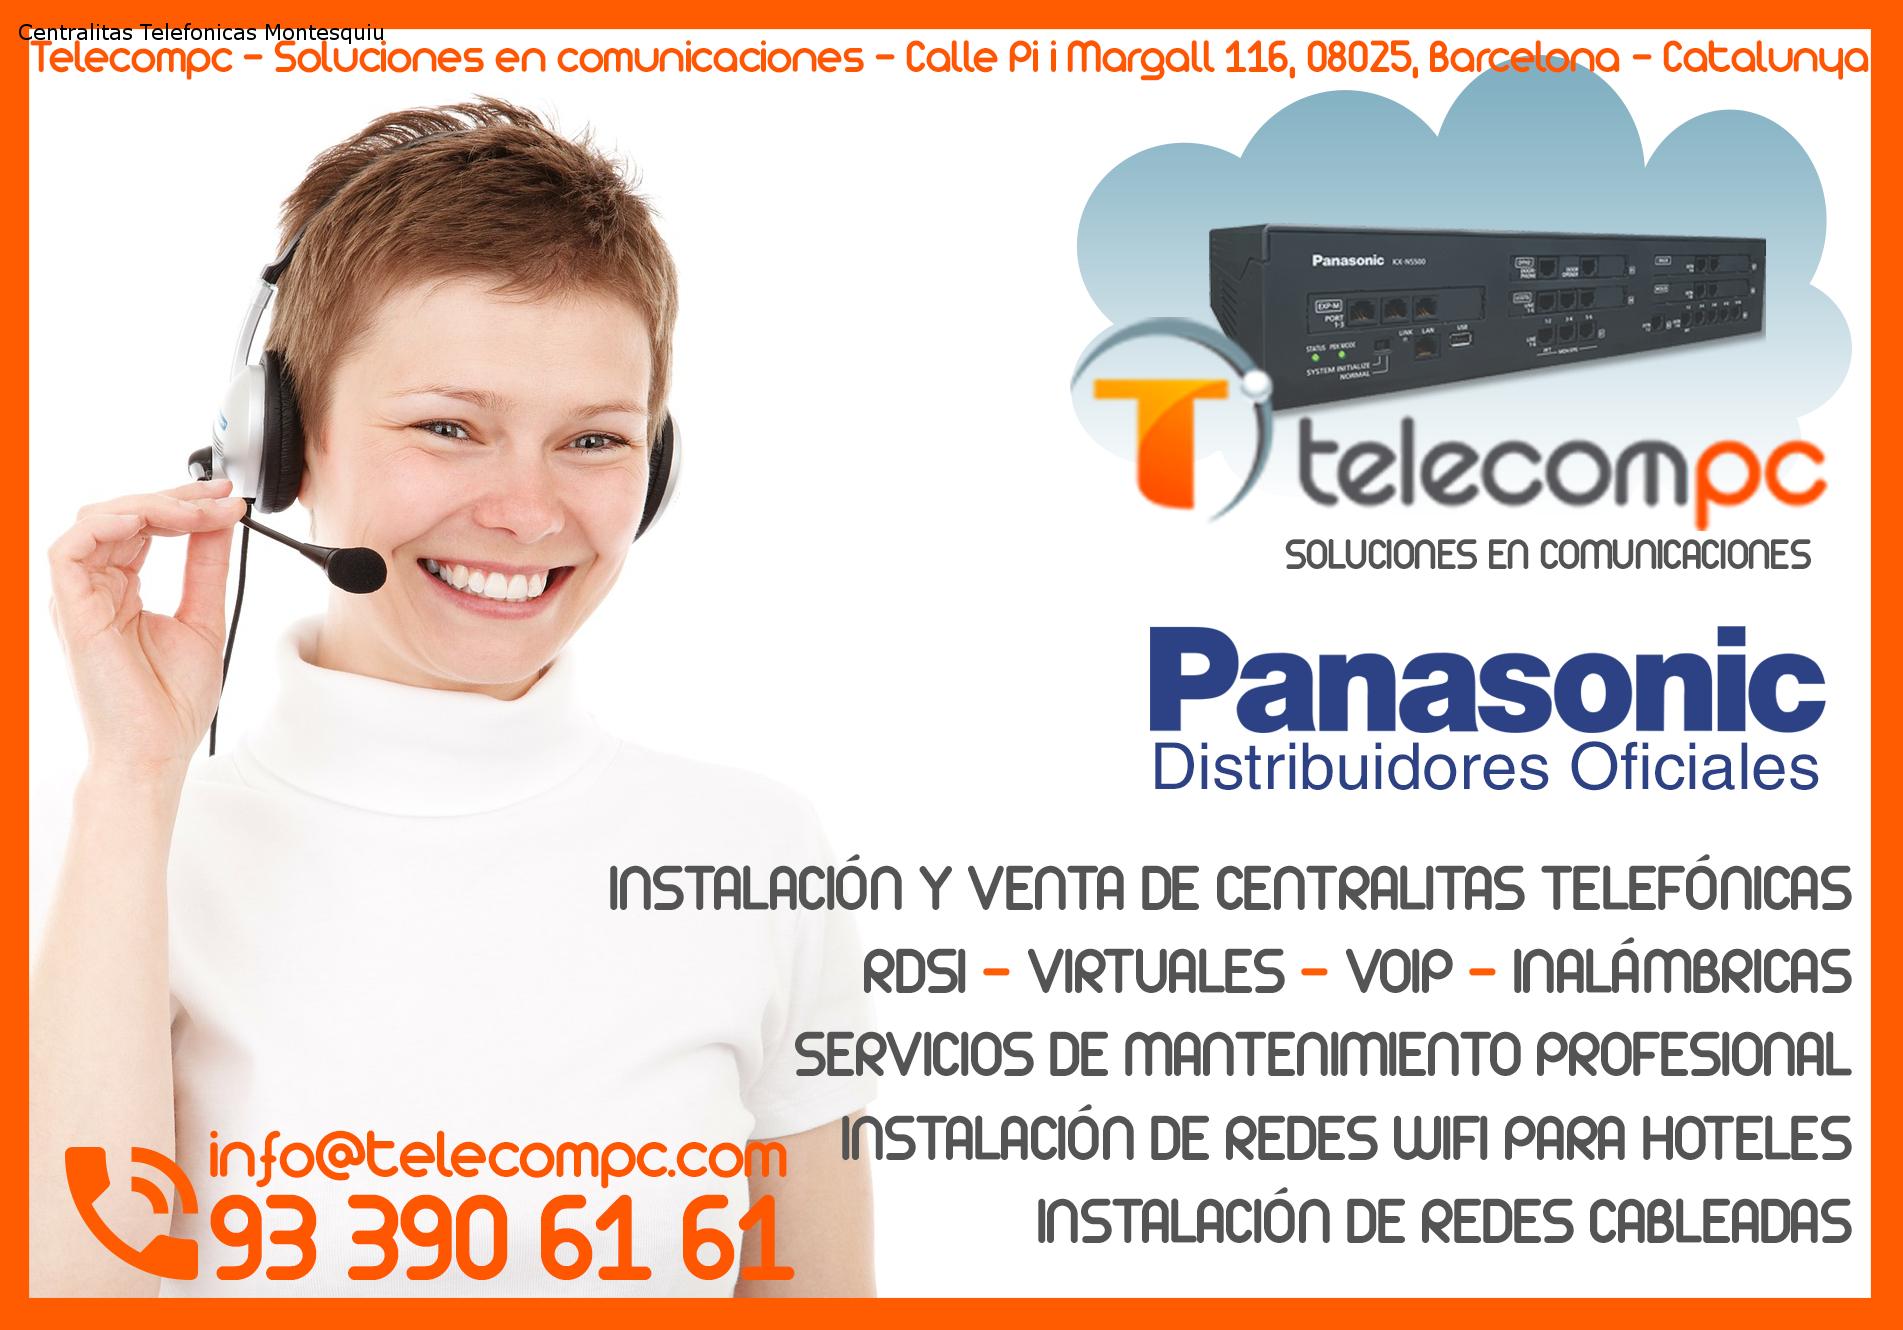 Centralitas Telefonicas Montesquiu